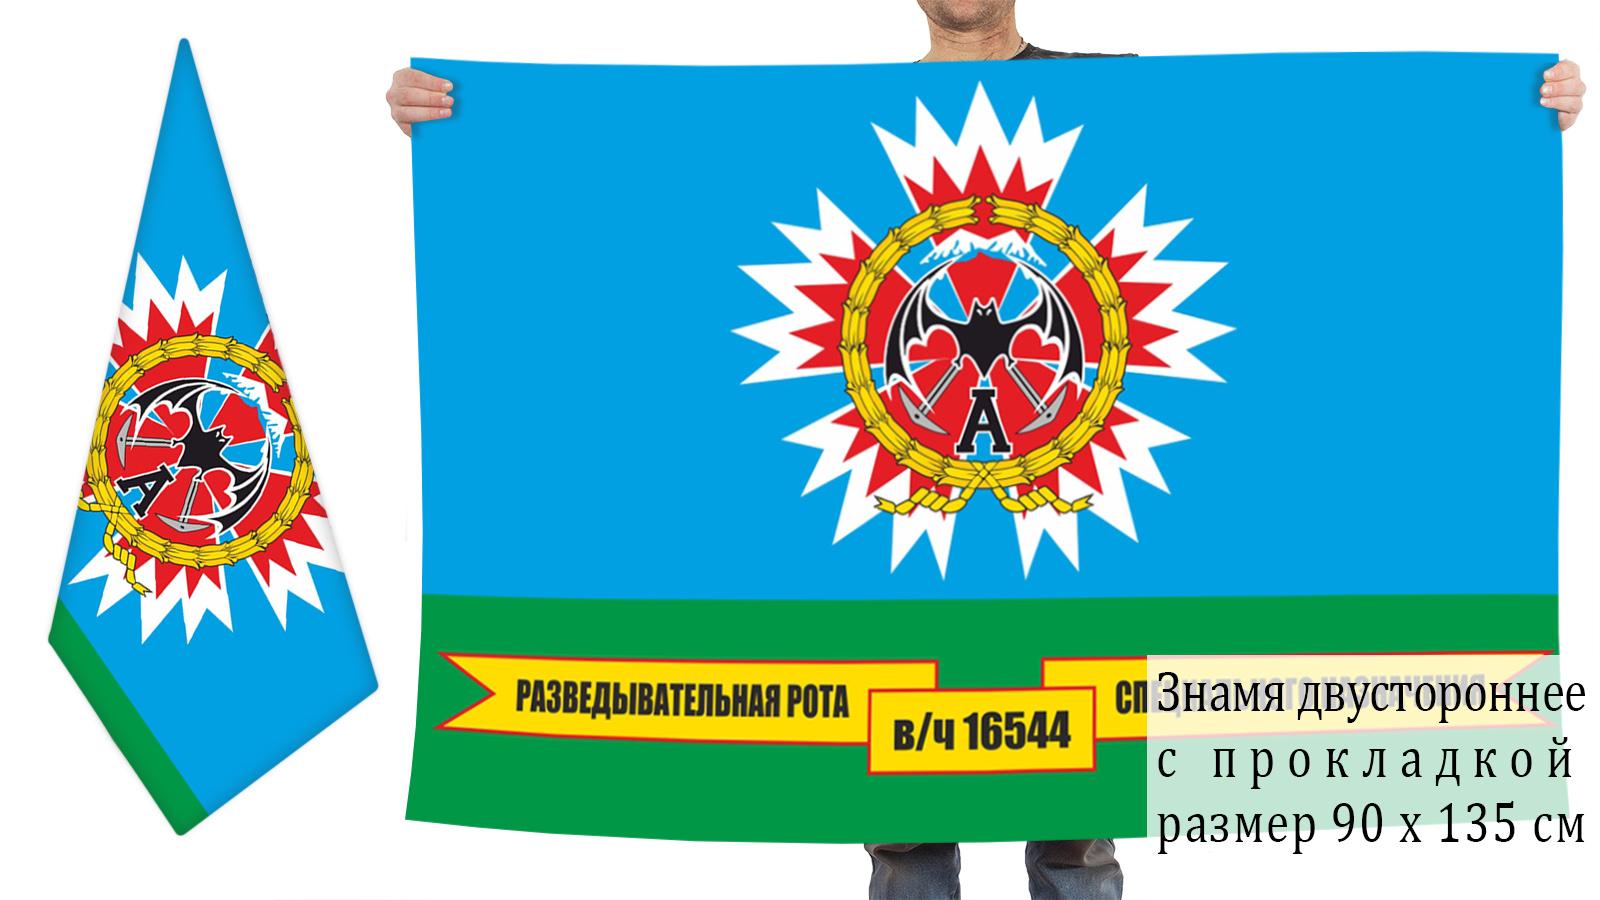 Двусторонний флаг разведроты спецназа в/ч 16544